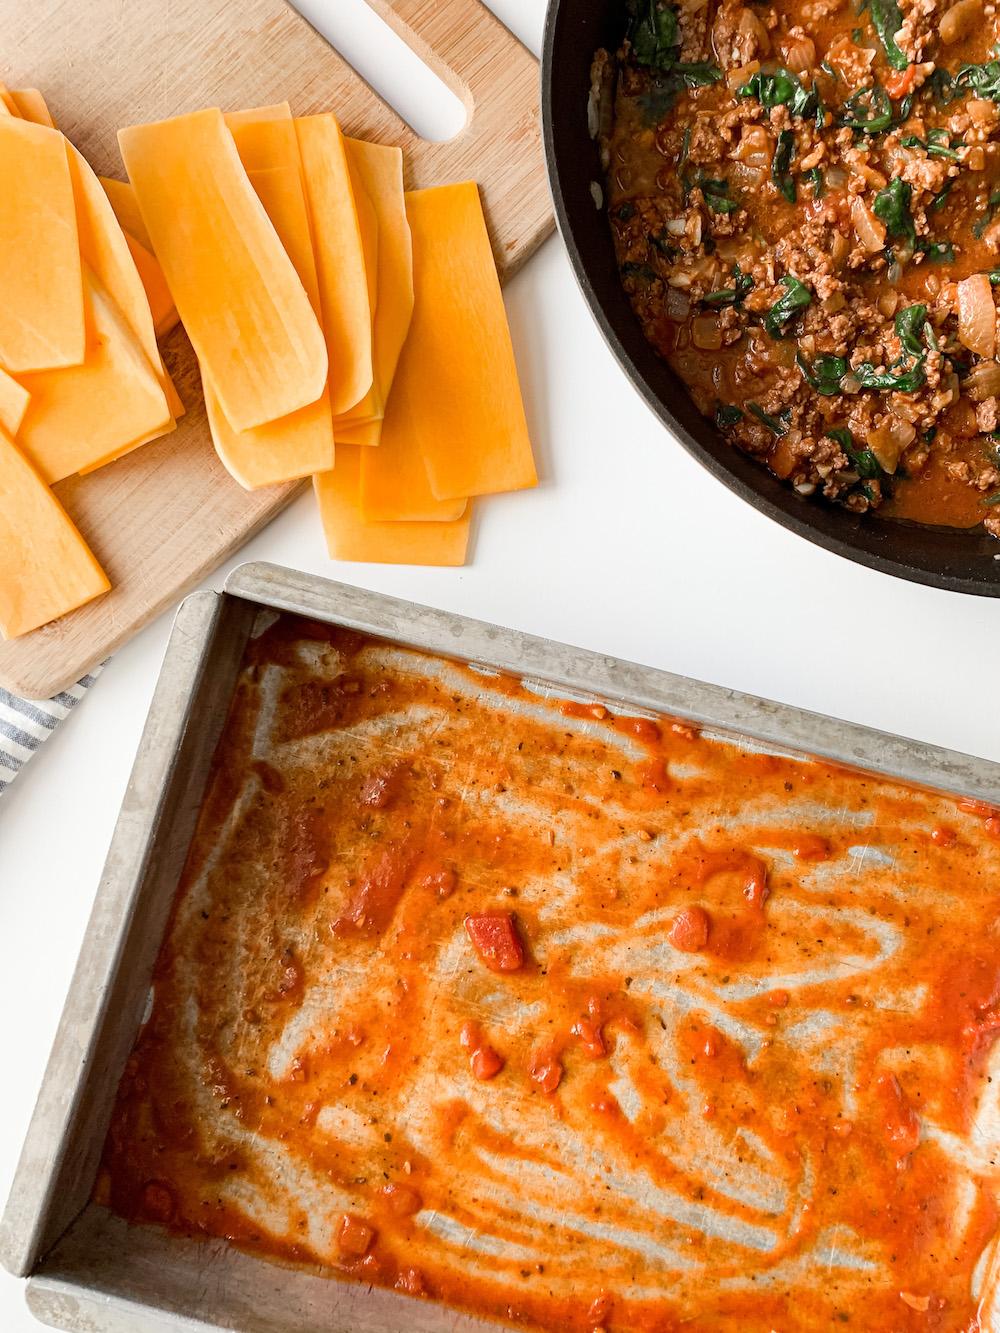 dairy-free lasagna ingredients